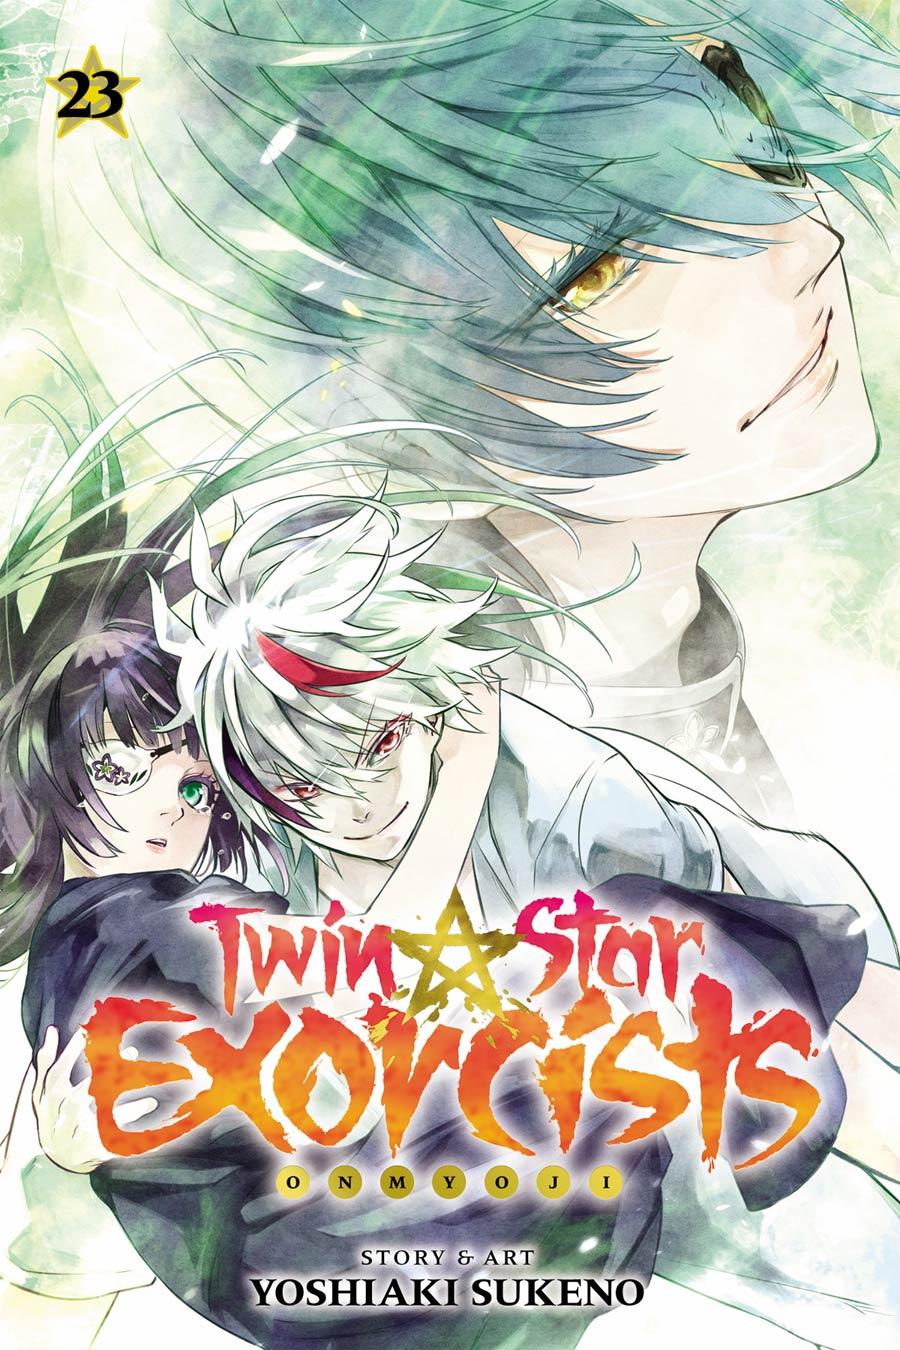 Twin Star Exorcists Onmyoji Vol 23 TP